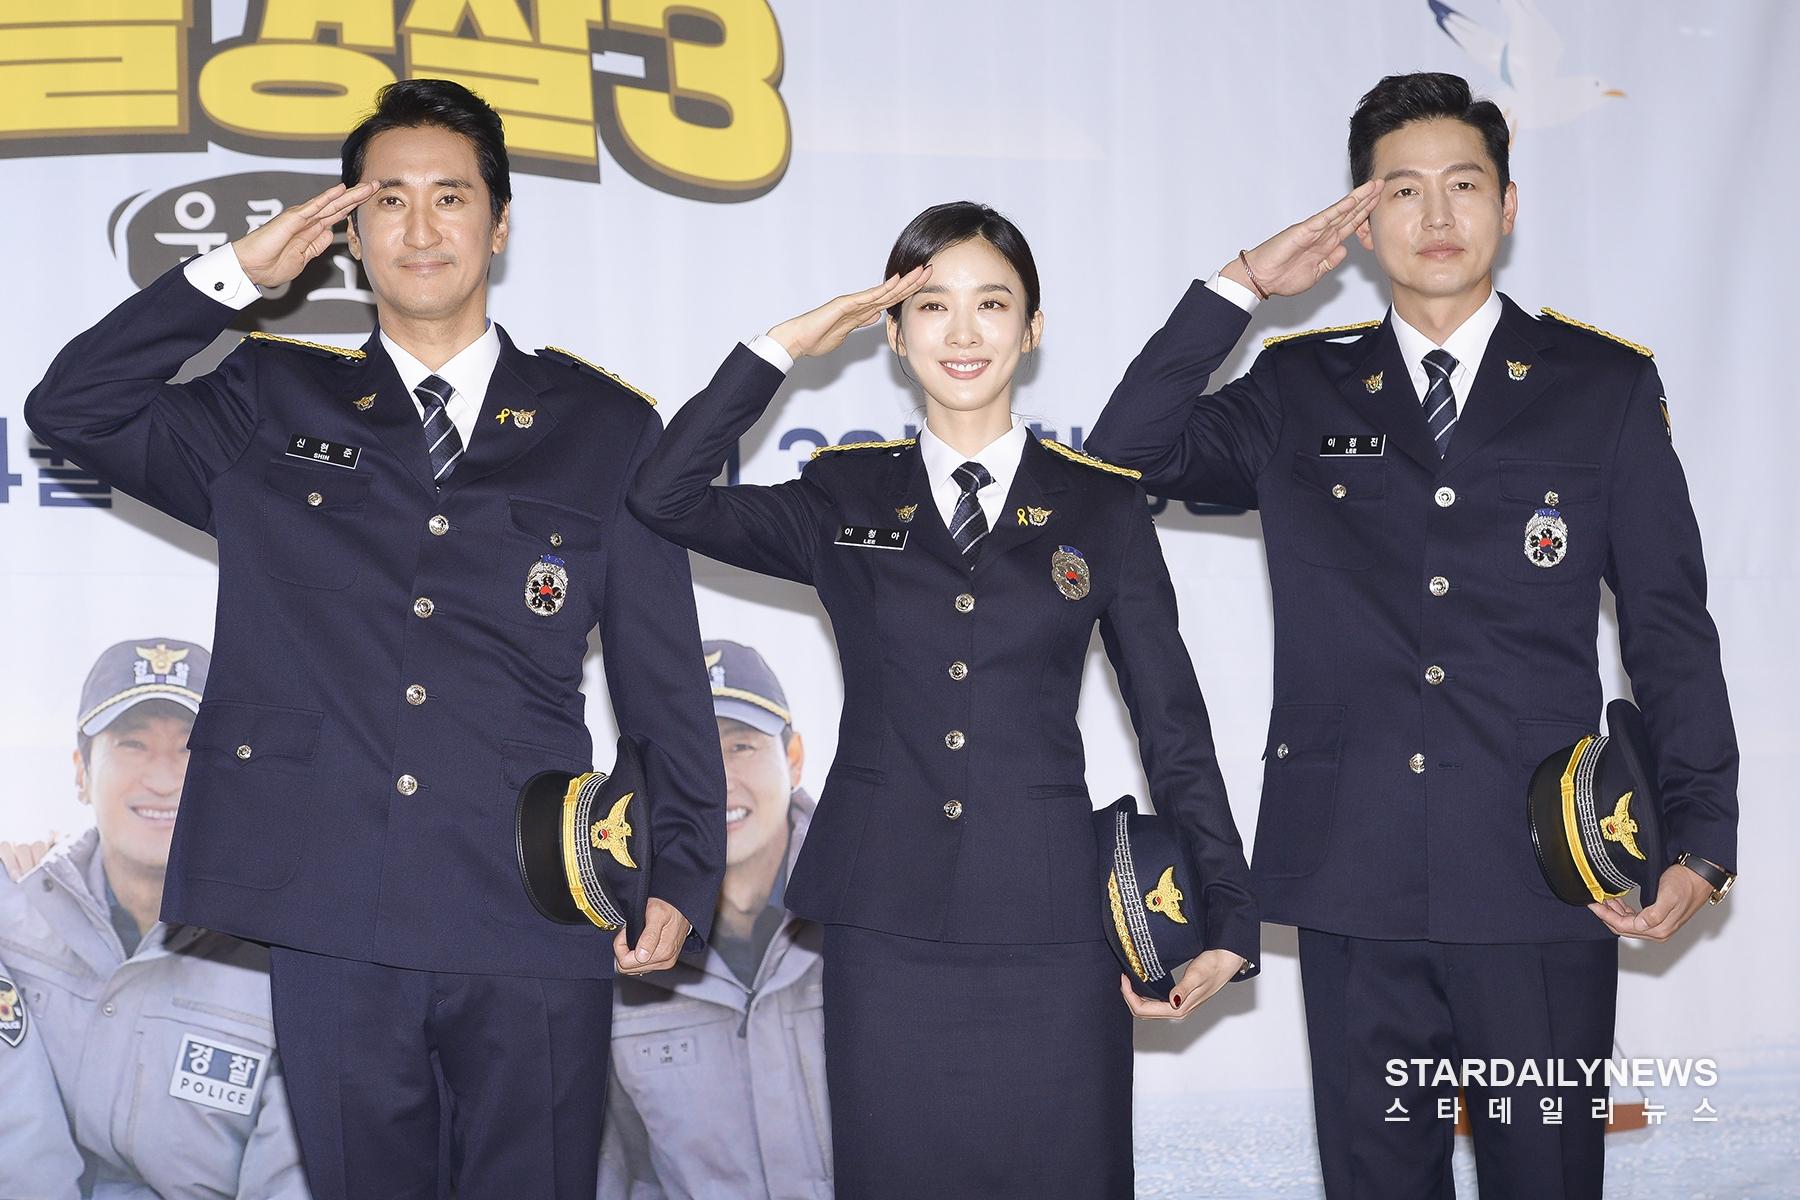 [S종합] 홍일점 이청아 합세한 `시골경찰3`, 훈훈한 `남매케미` 기대해도 좋아